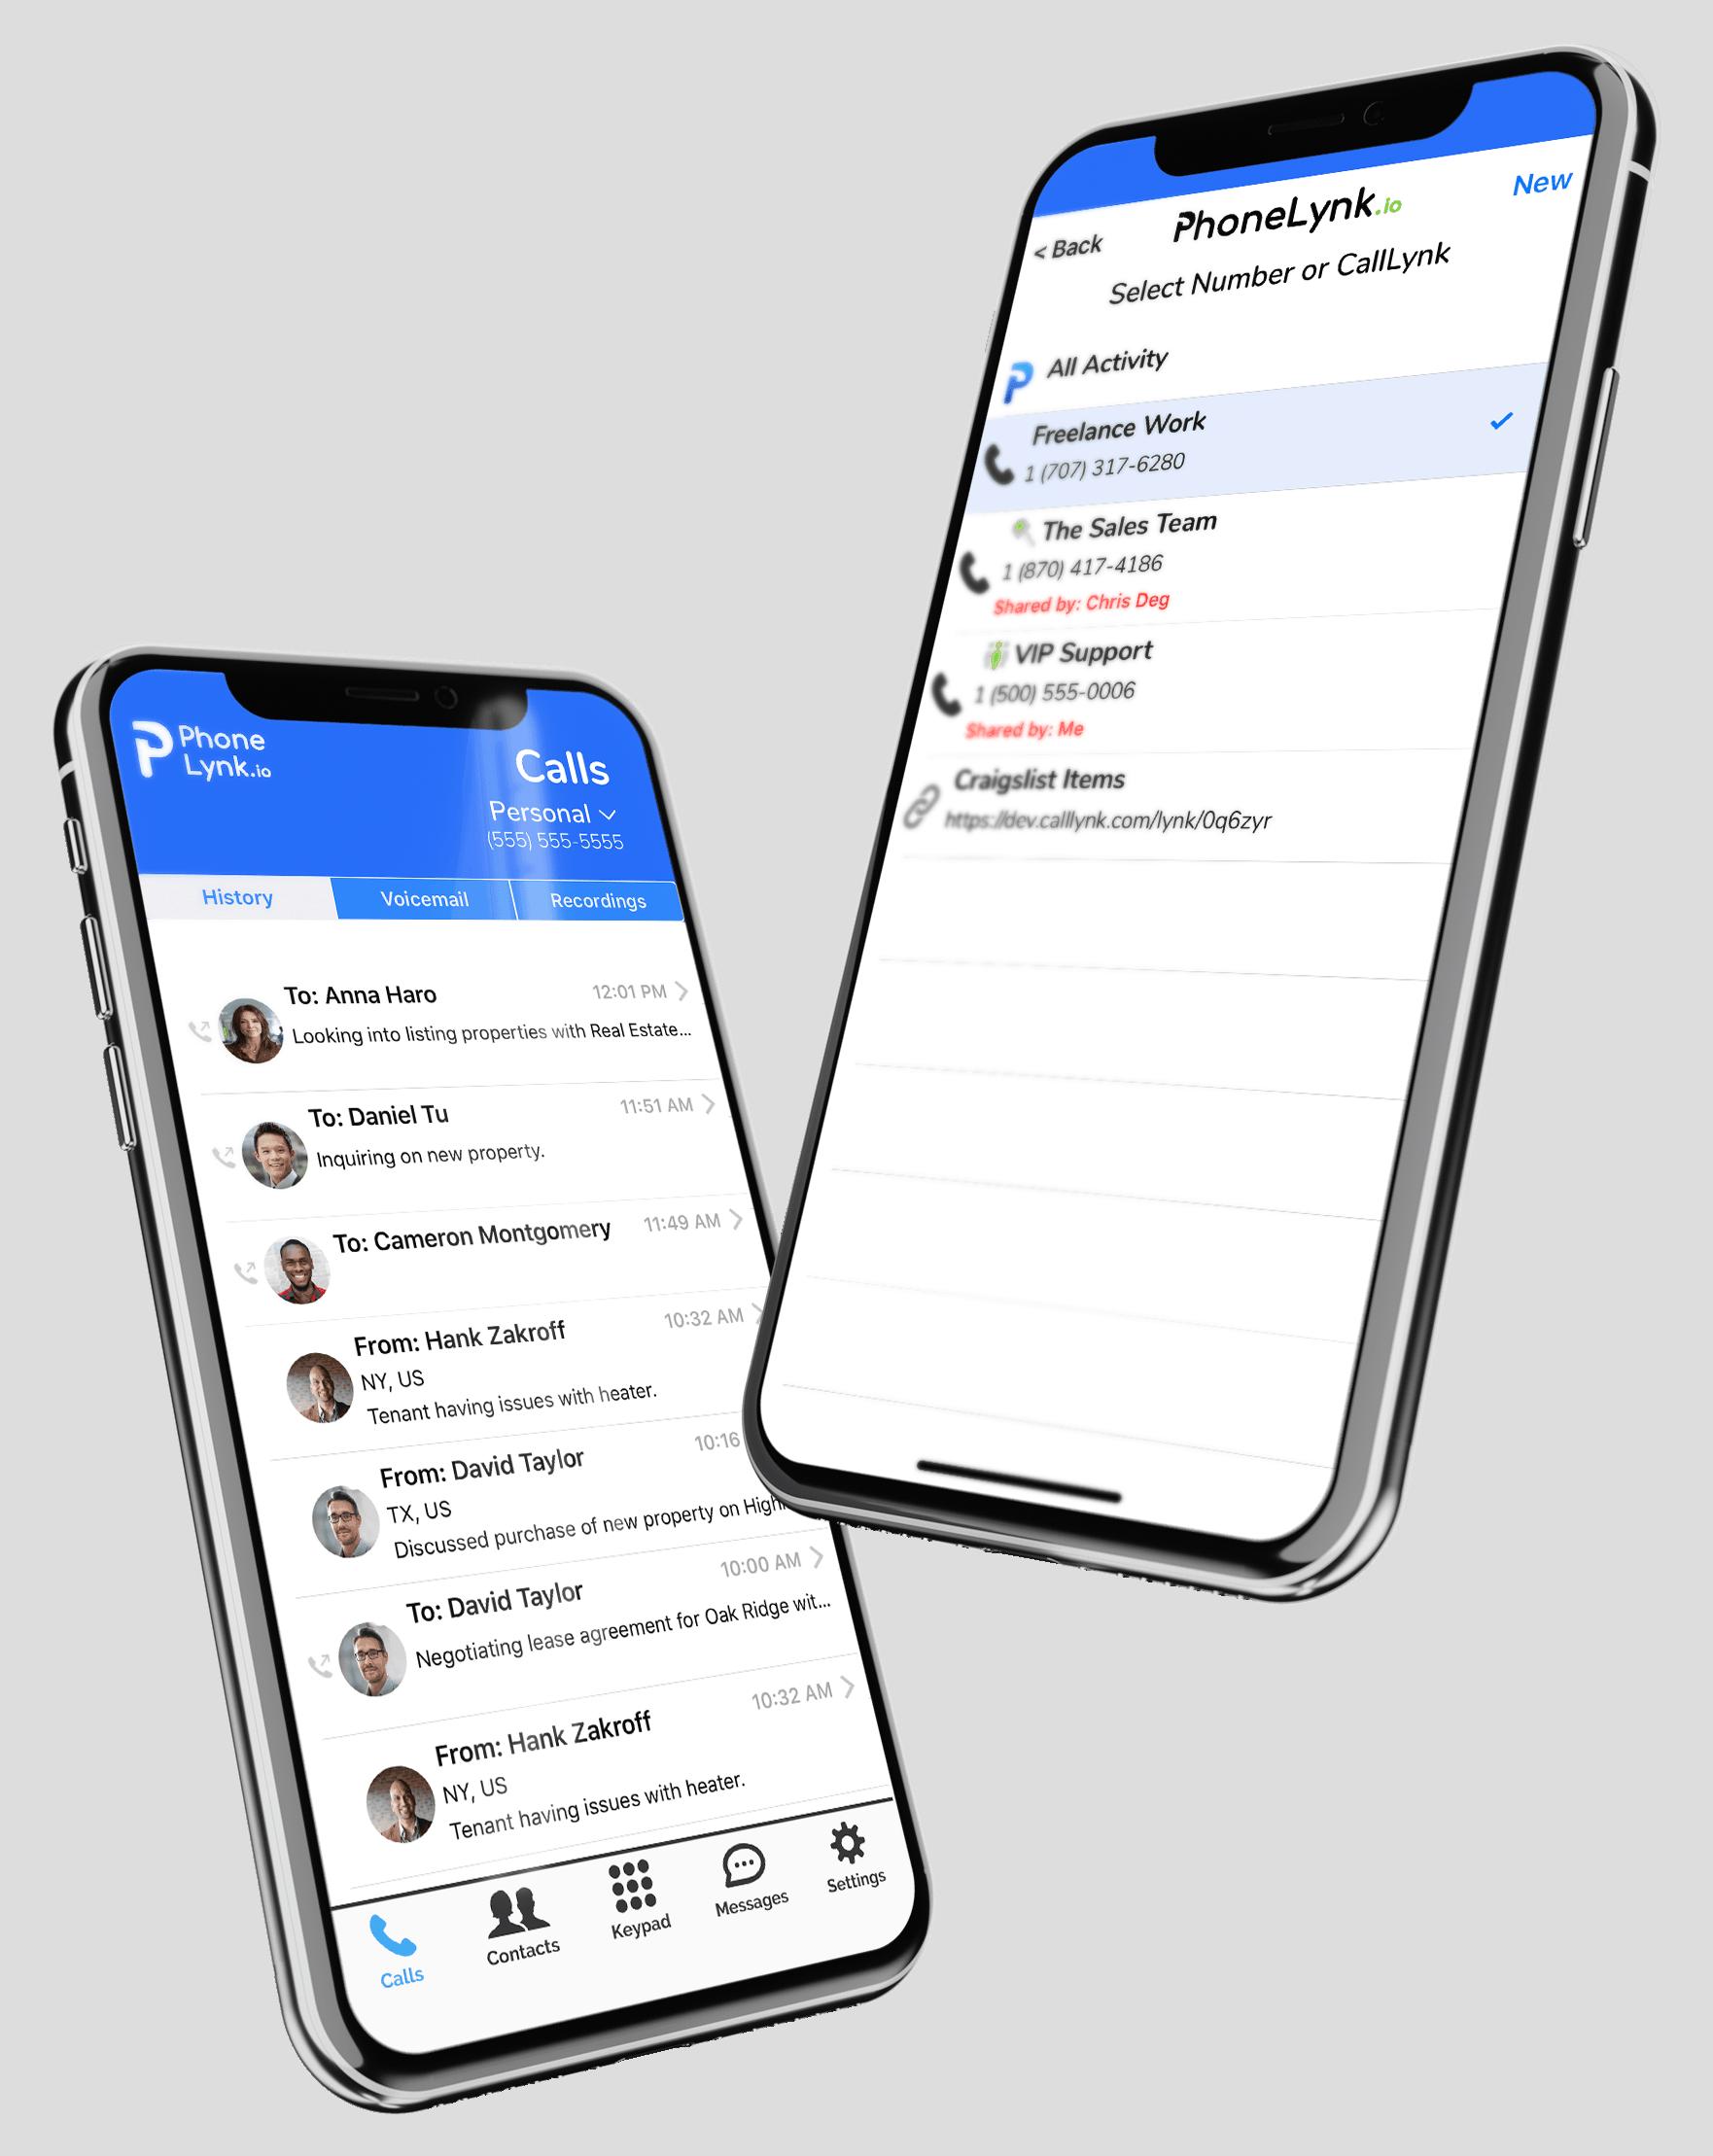 PhoneLynk io | The